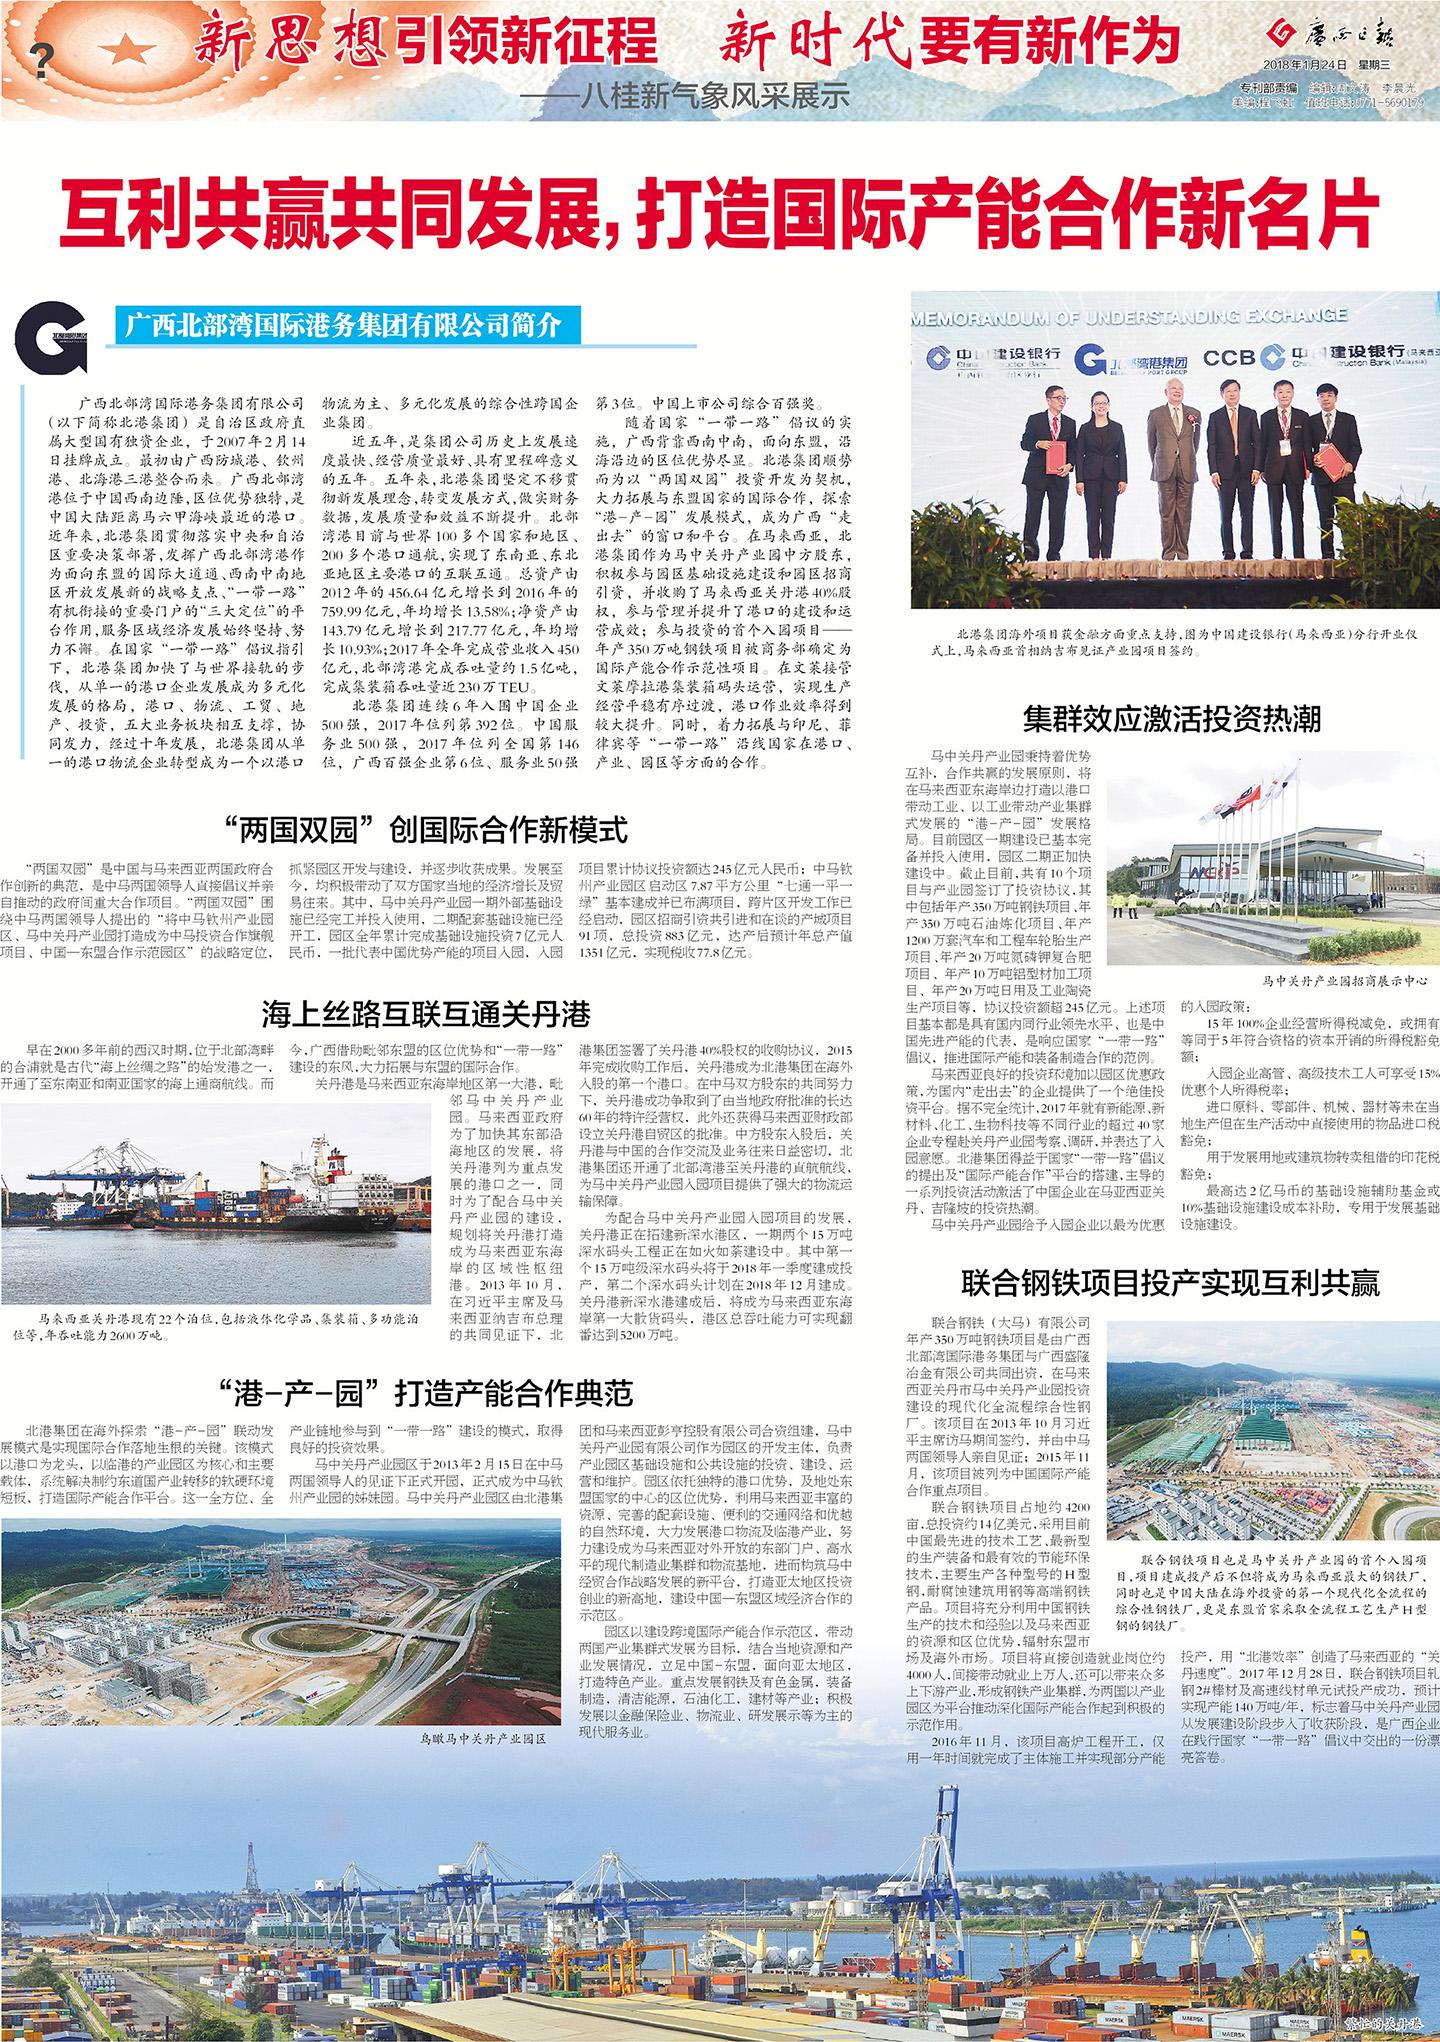 互利共赢共同发展,打造国际产能合作新名片-广西日报宣传板